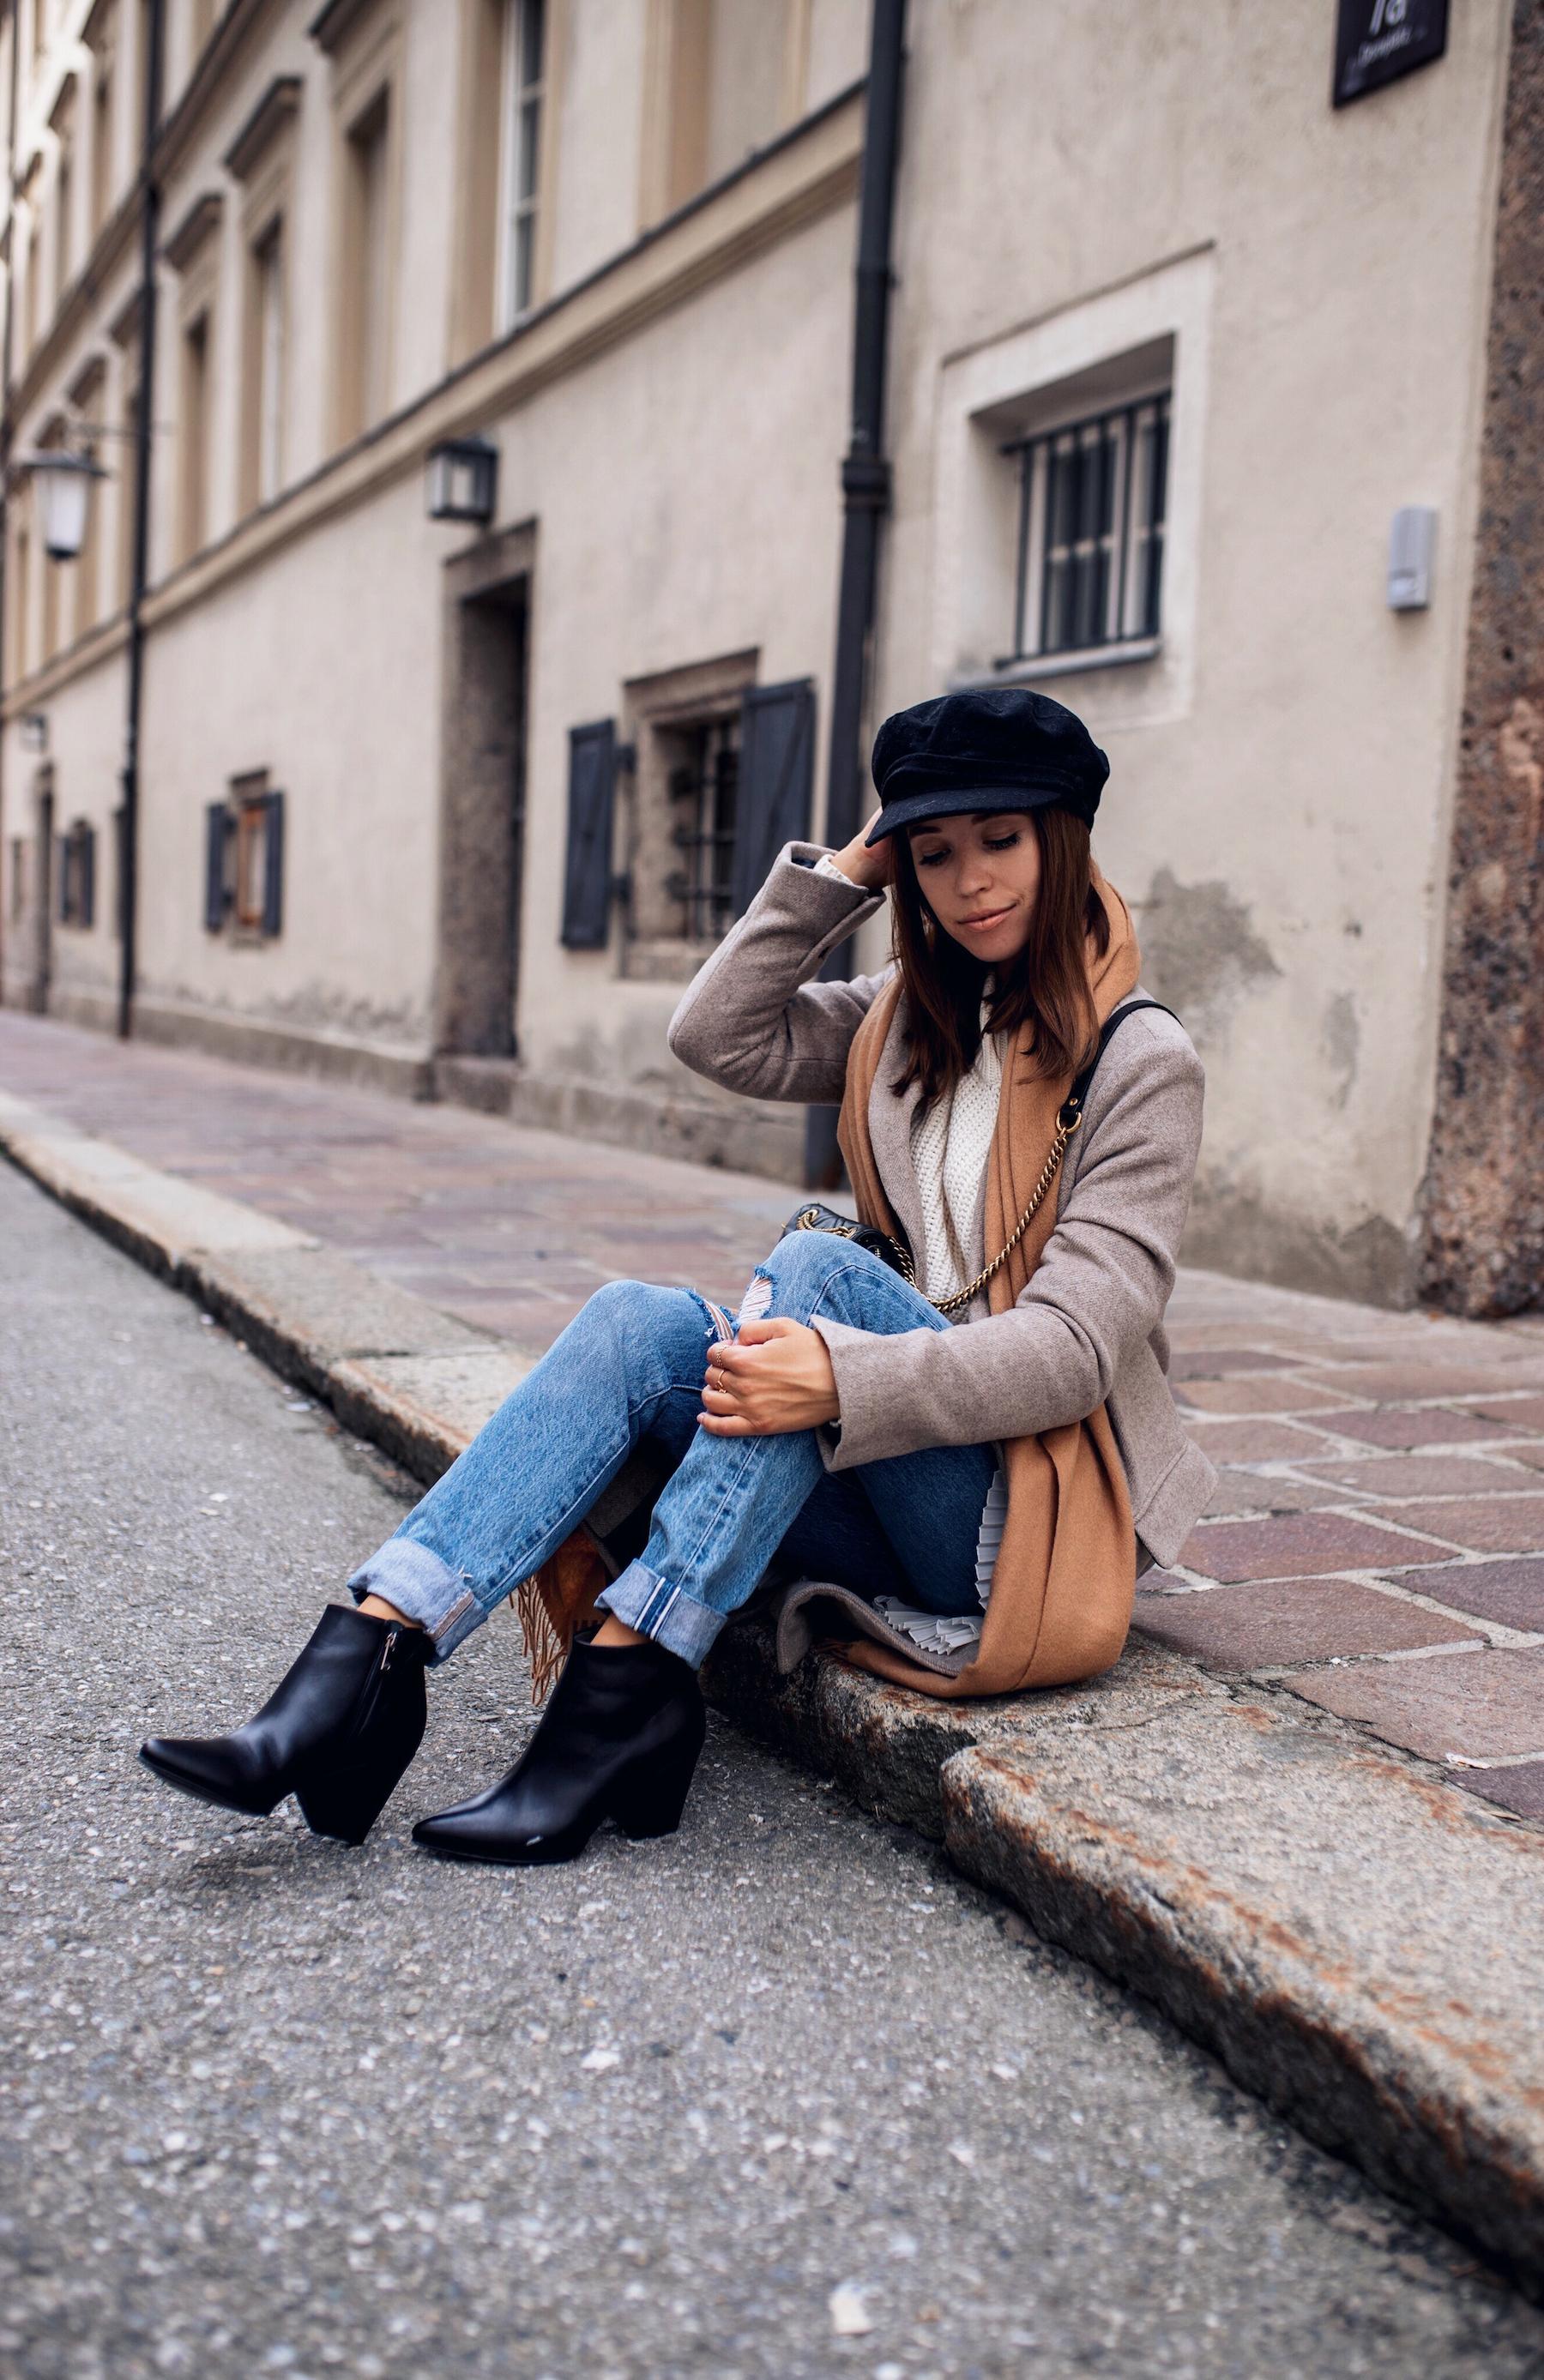 Herbst Outfit mit schwarzen Stiefeletten, Jeans und grauem Mantel